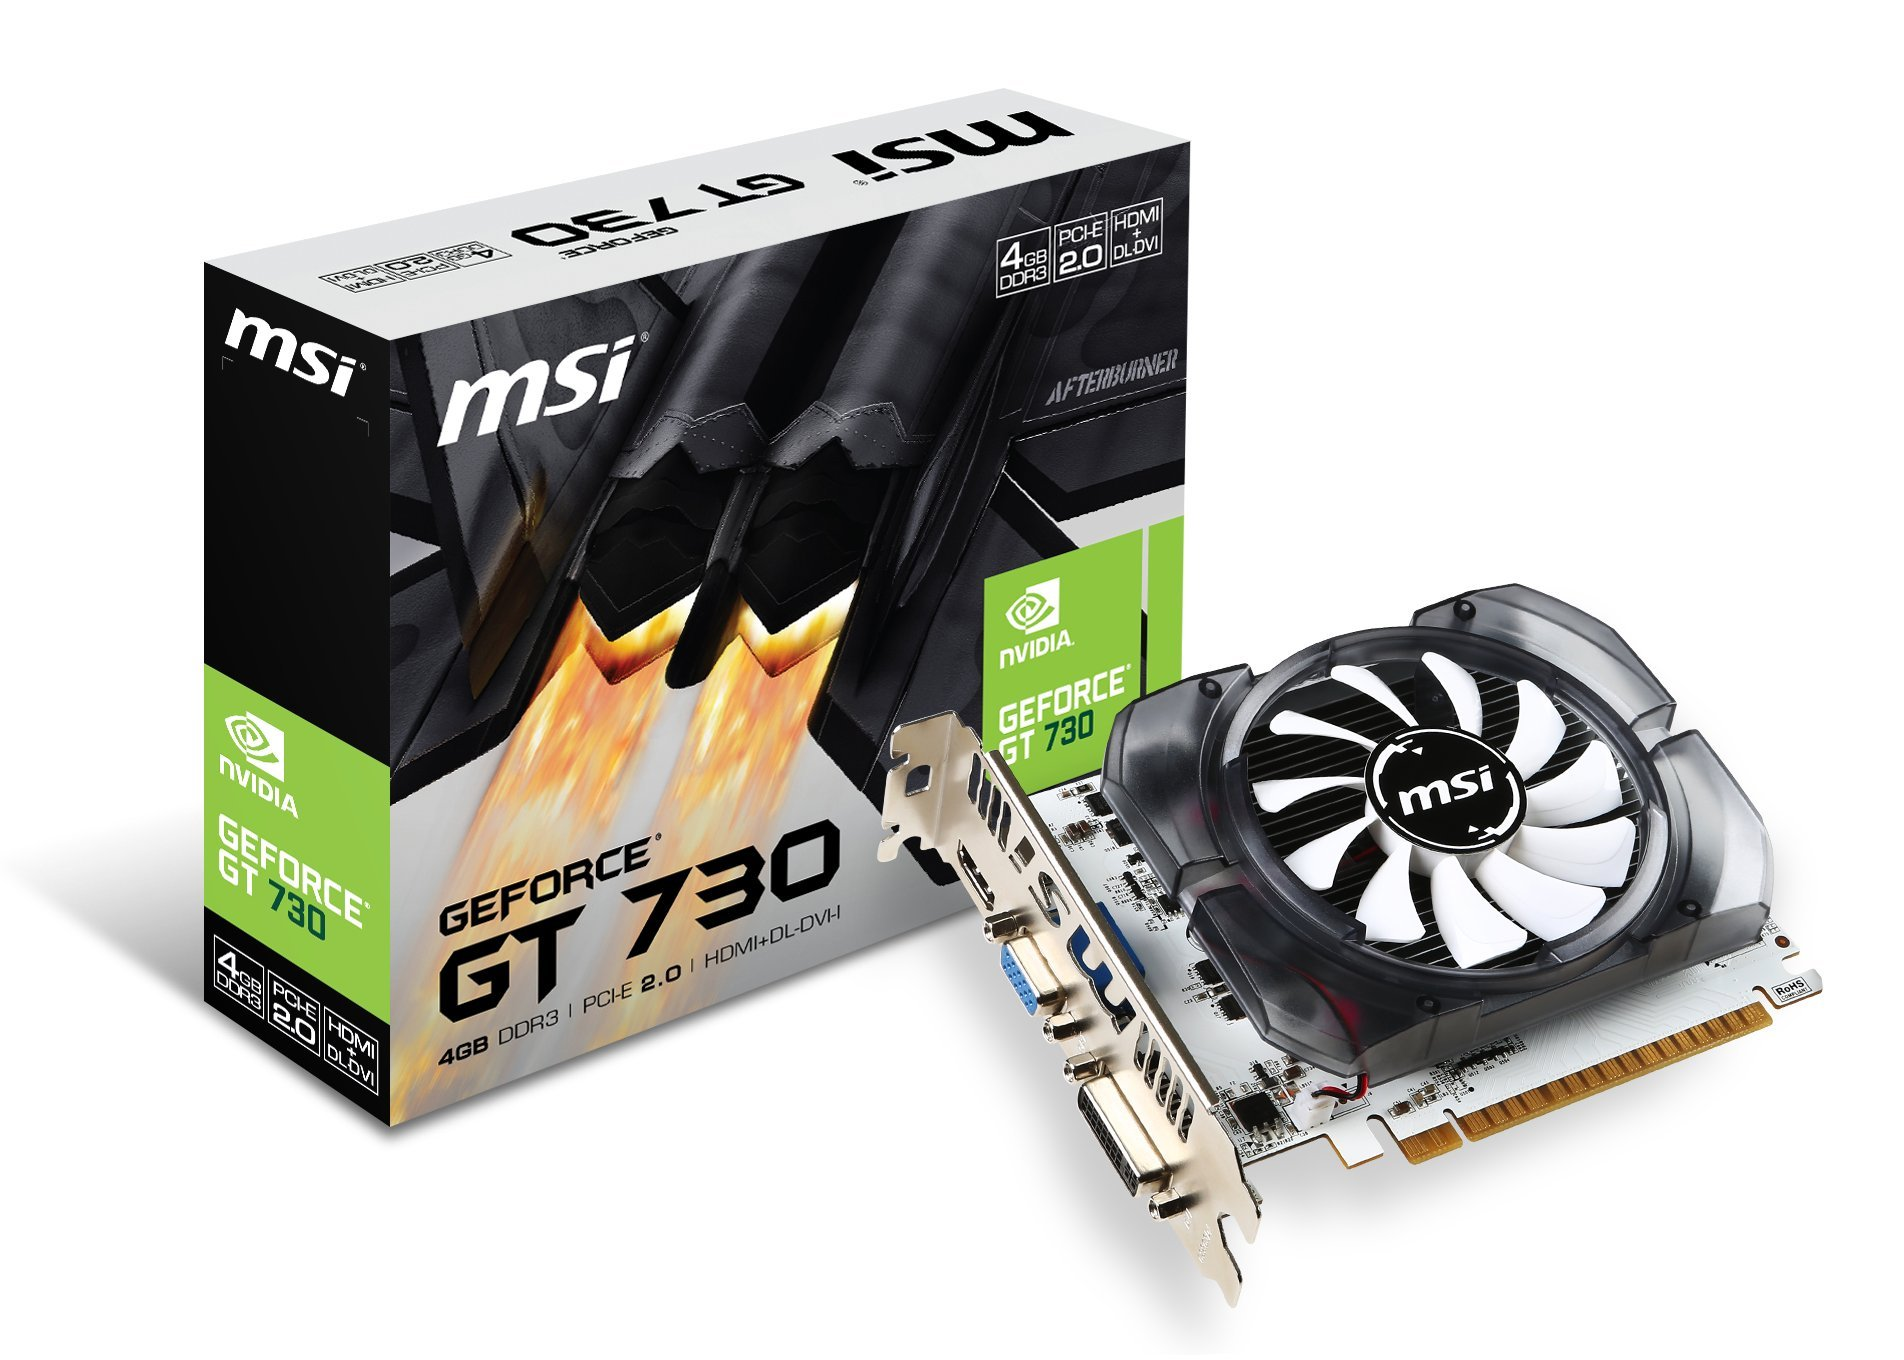 MSI GeForce GT 730 Fermi DDR3 4GB DirectX 12 (N730-4GD3V2)